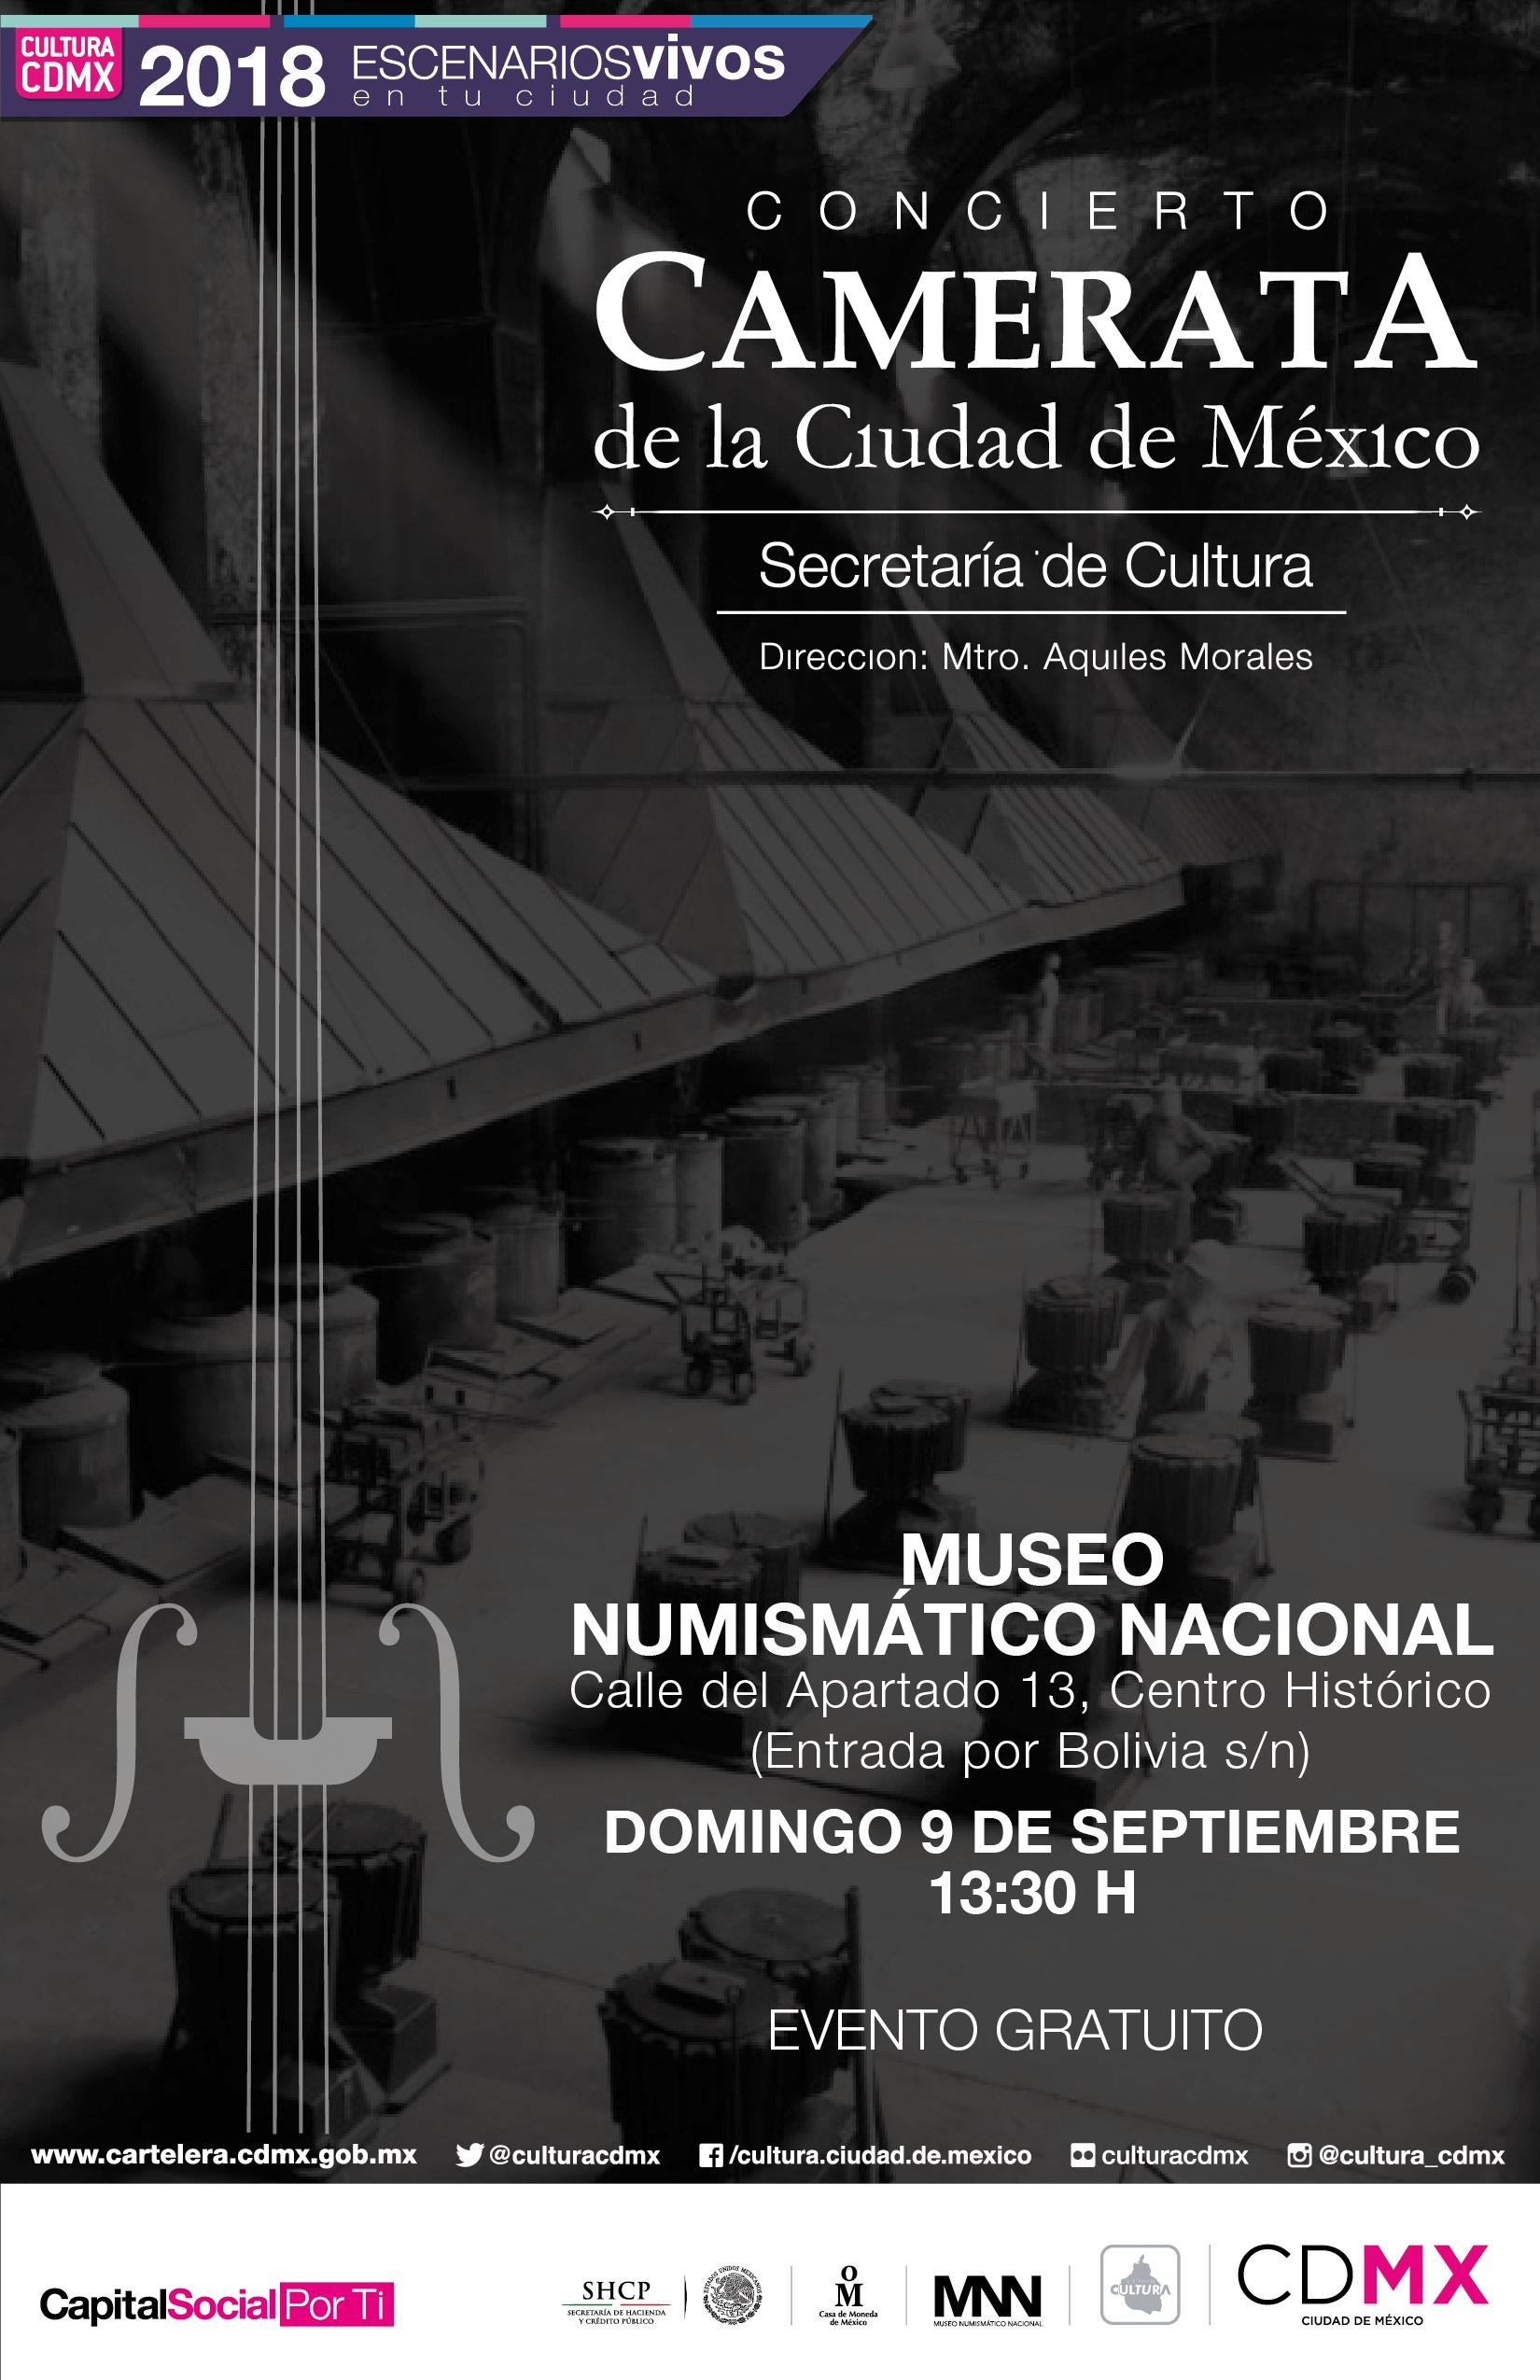 Concierto Camerata de la Ciudad de México